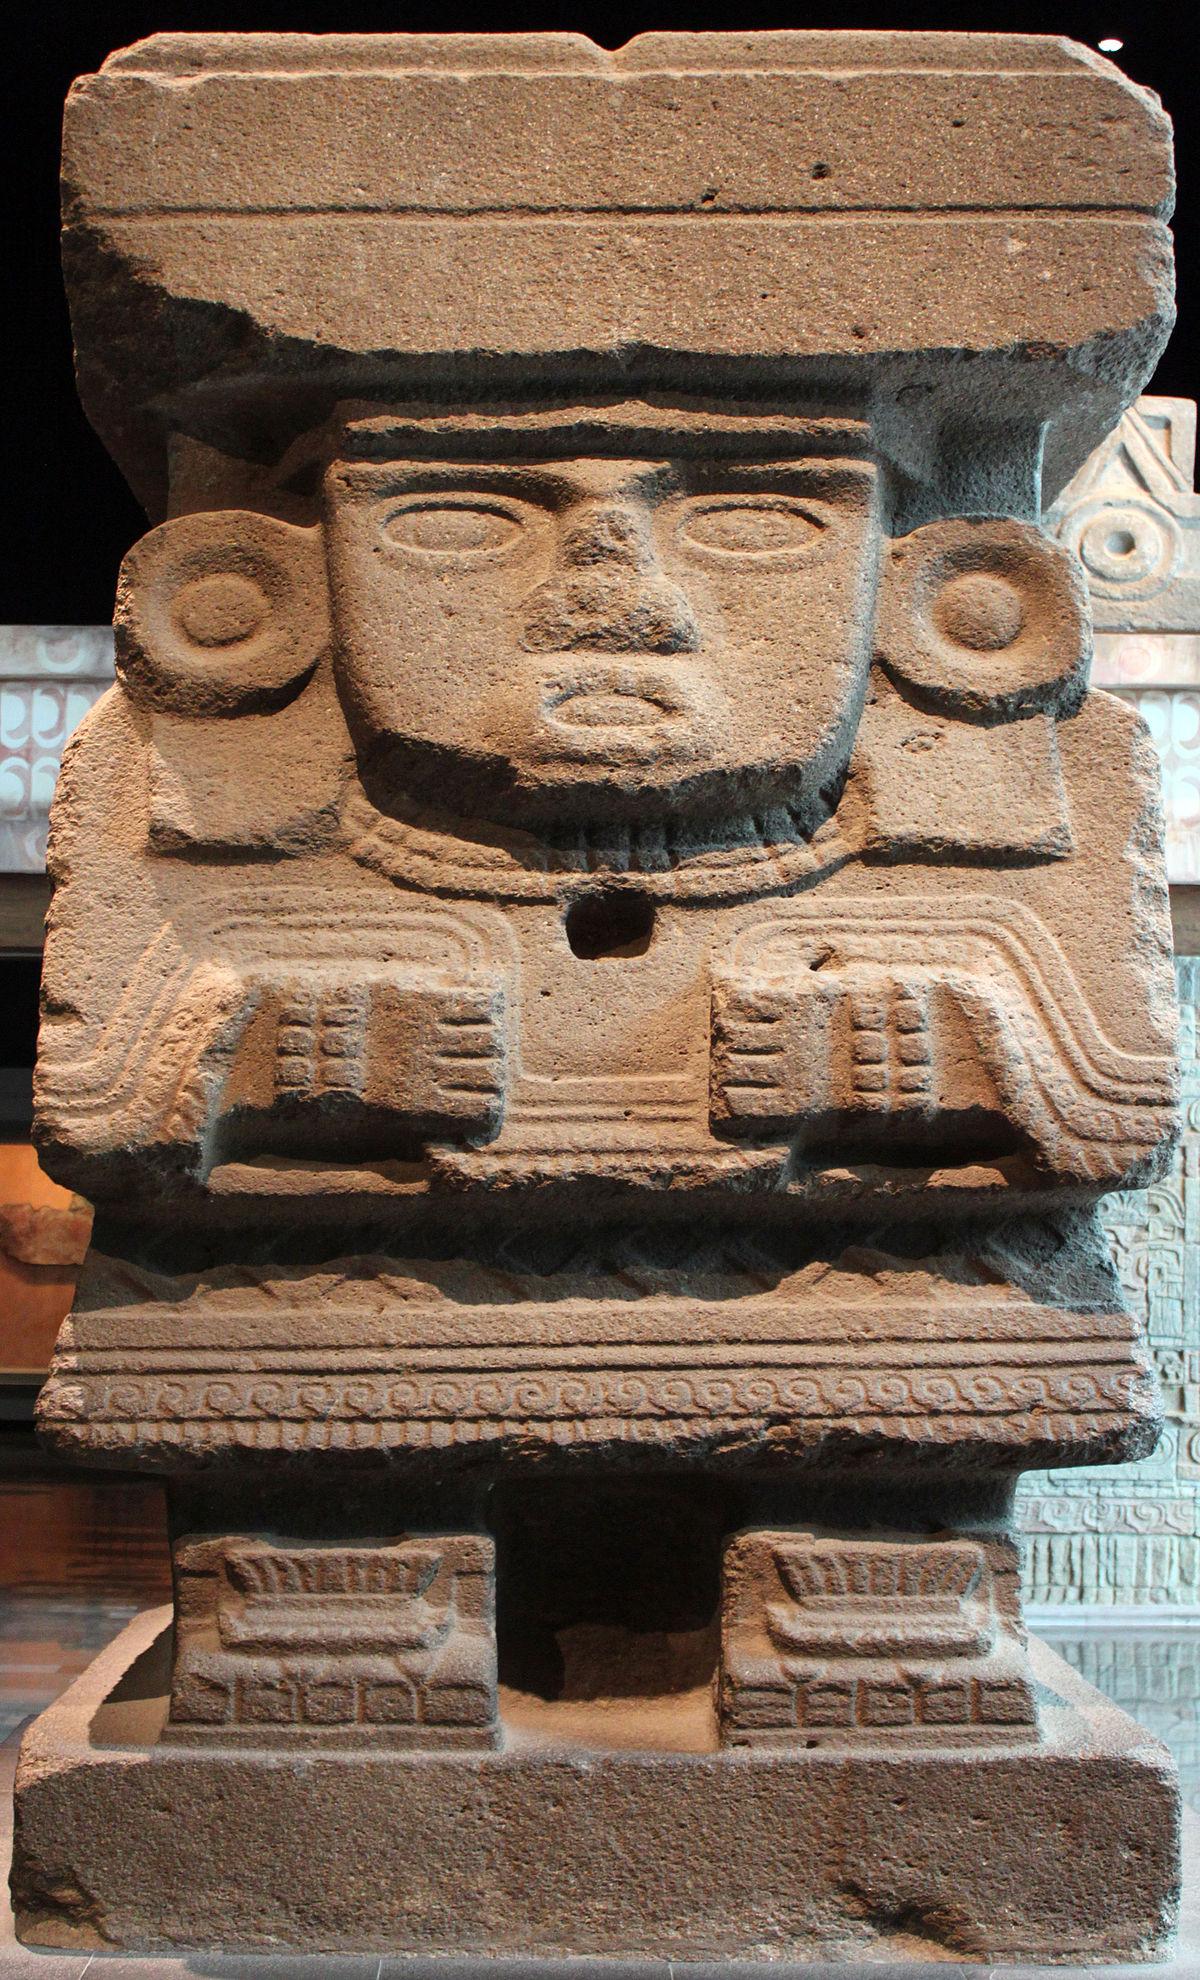 La diosa de las vergotas capitulo 8 - 2 4